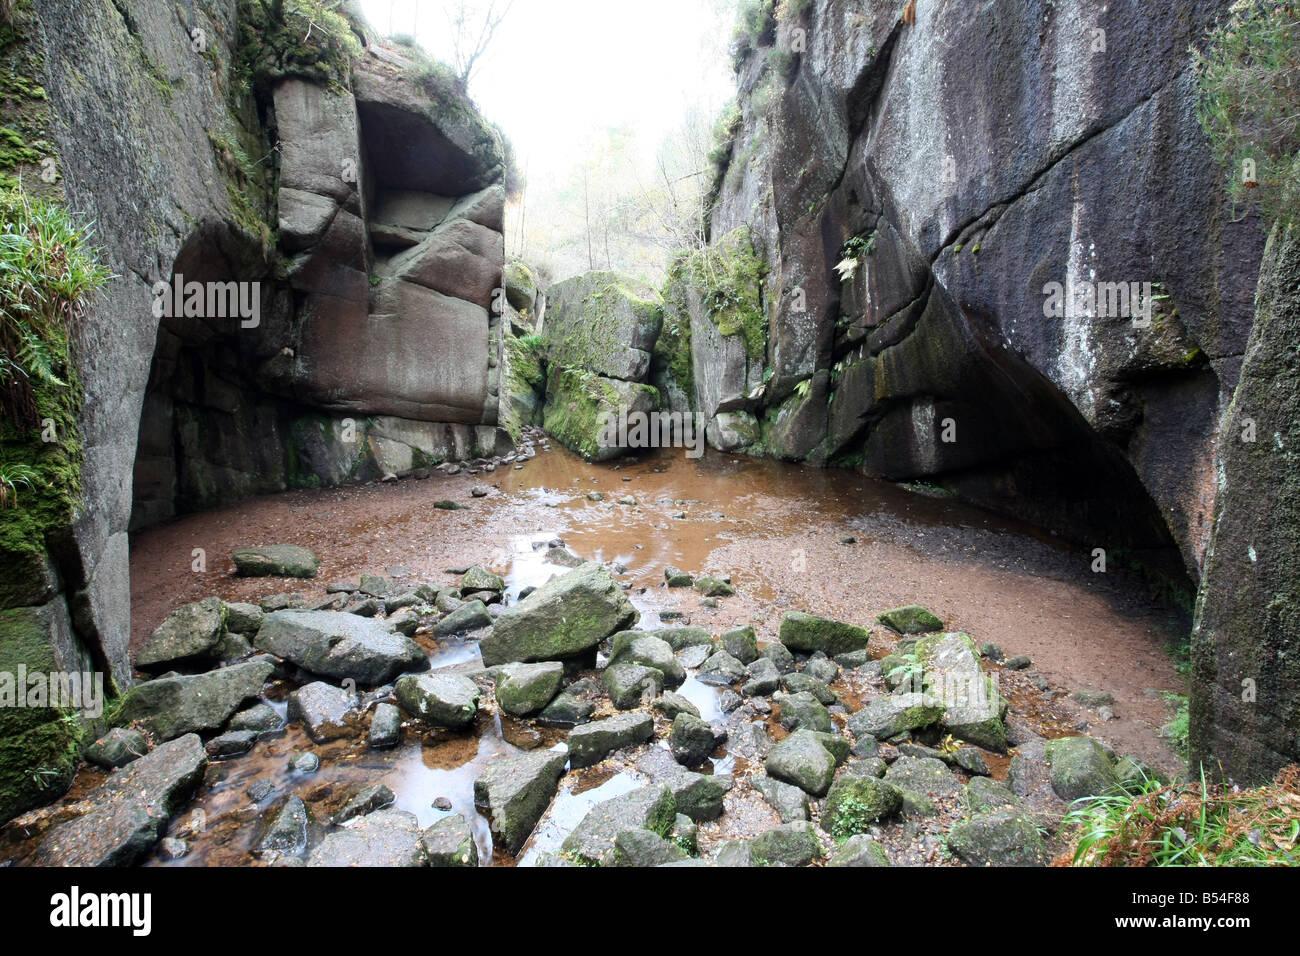 Geological feature of Burn O' Vat near Dinnet,  Aberdeenshire, Scotland, UK - Stock Image